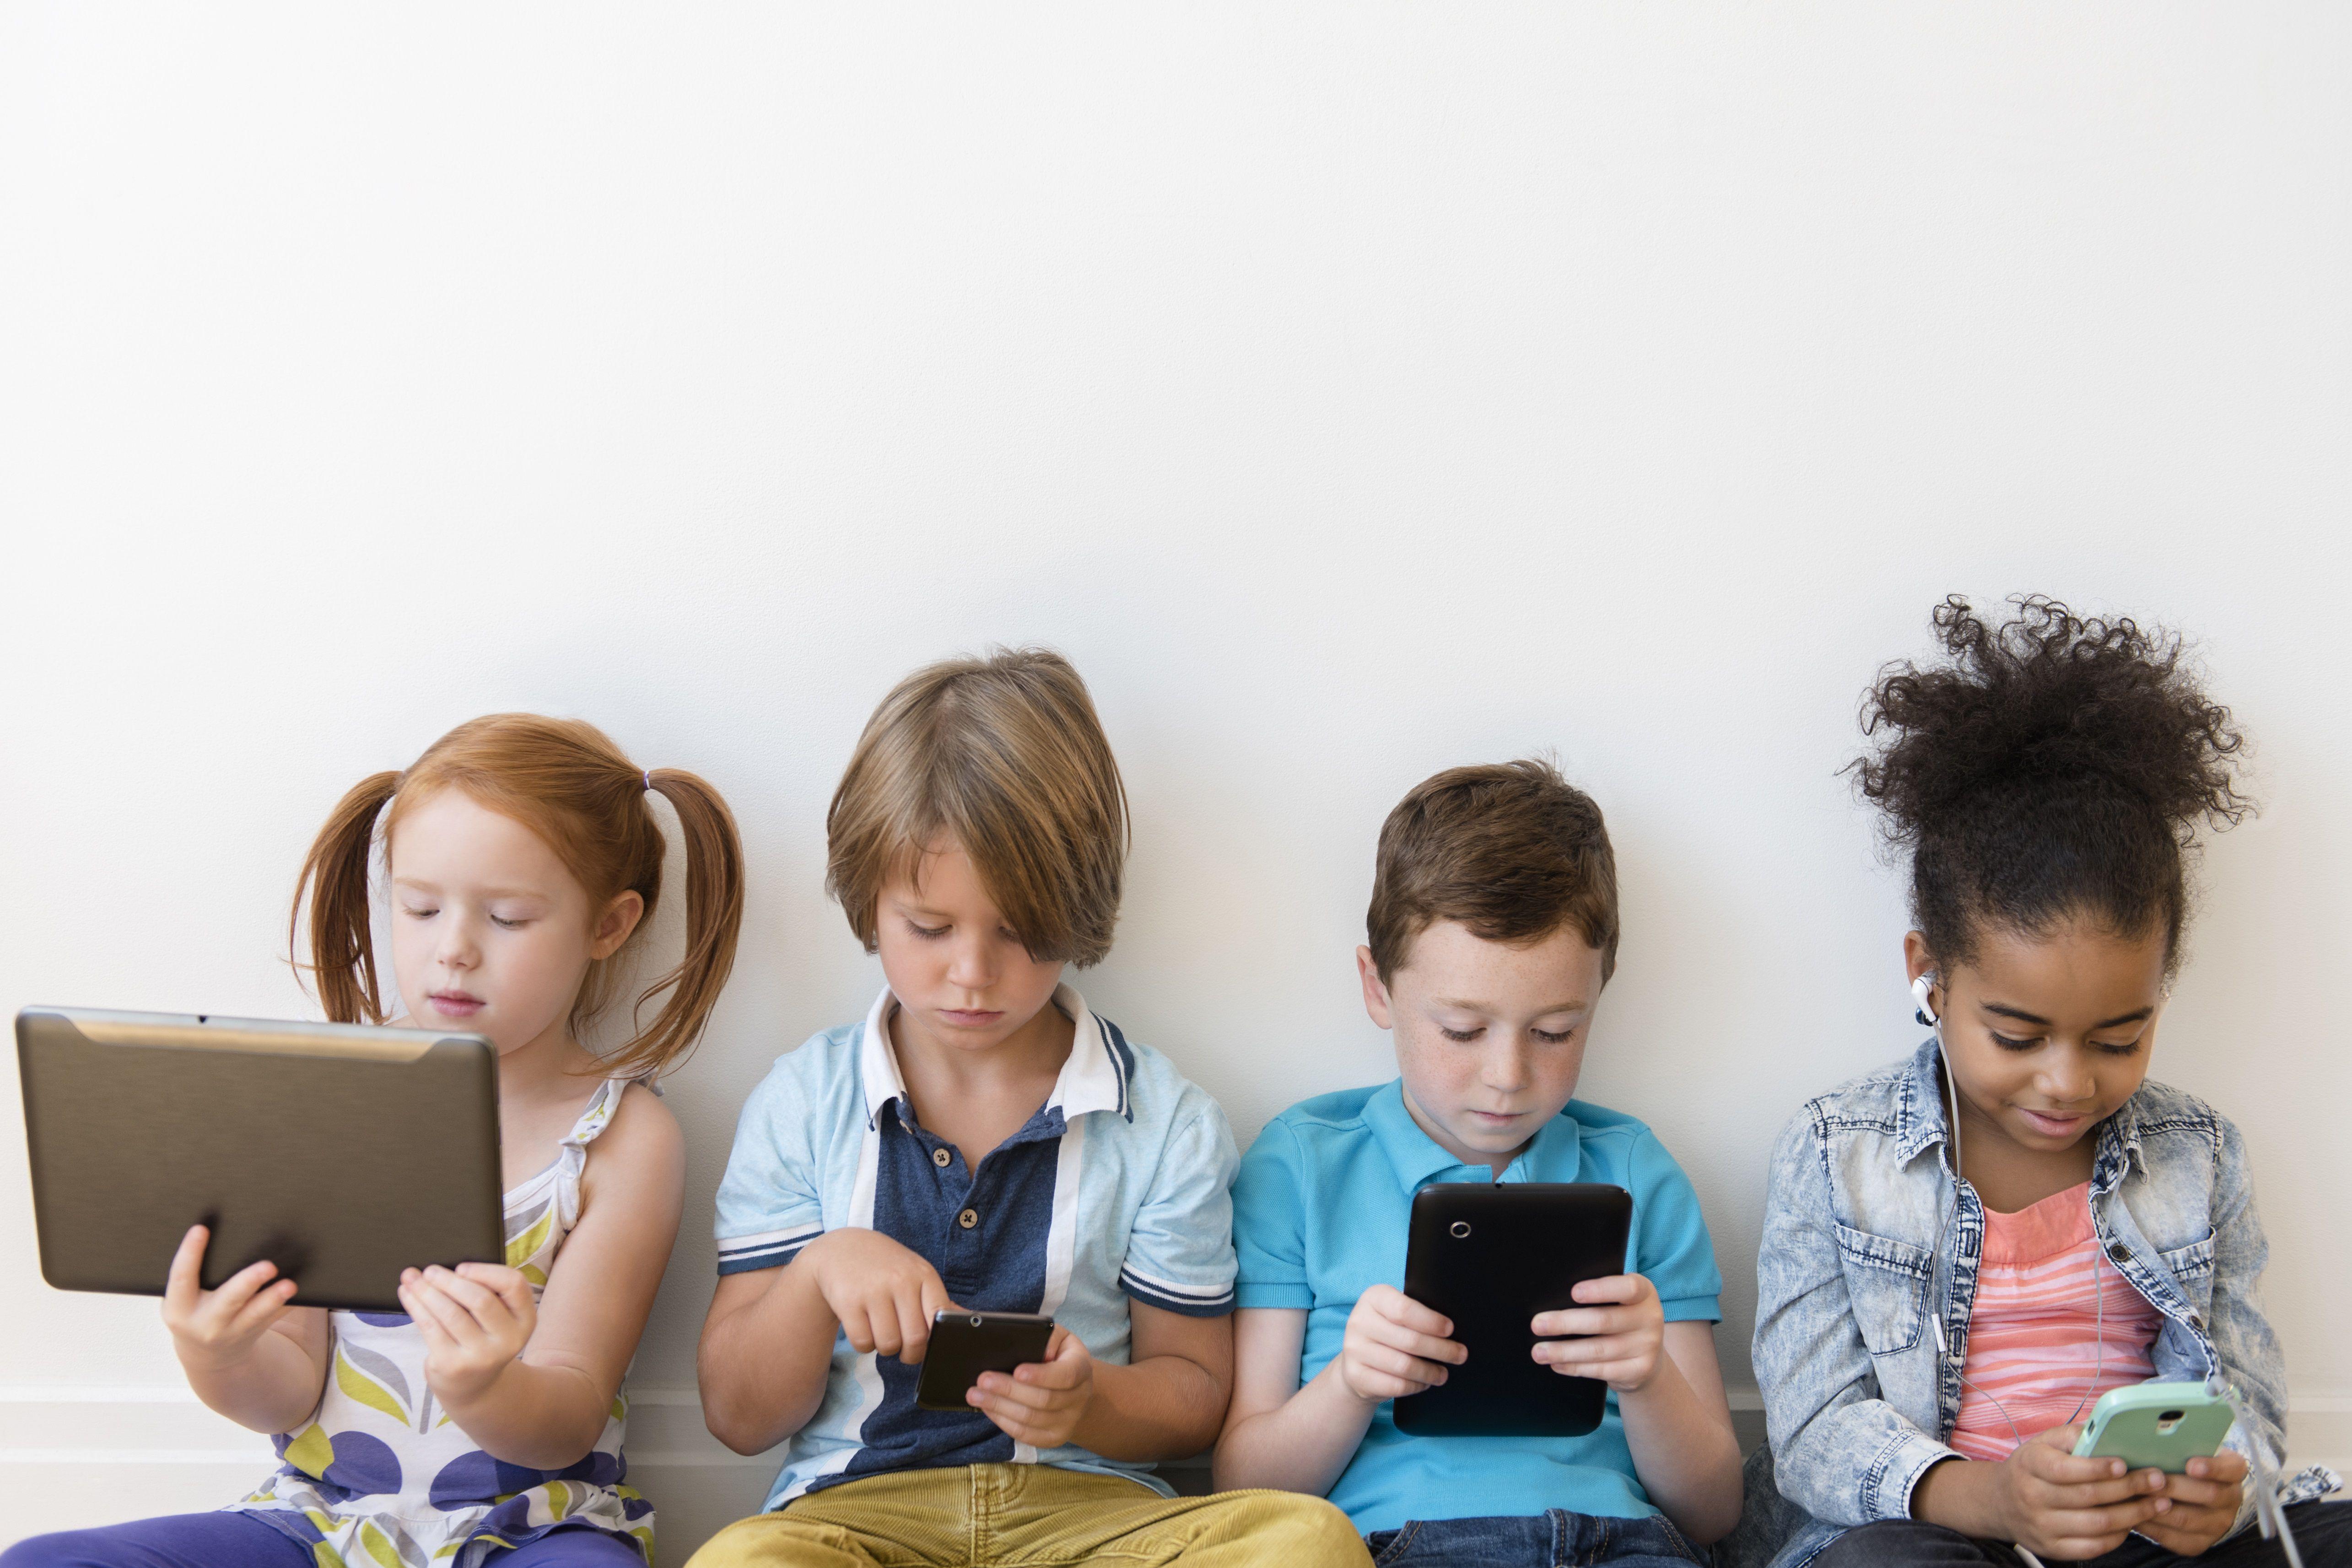 เทคโนโลยีการสื่อสารกับการเรียนรู้